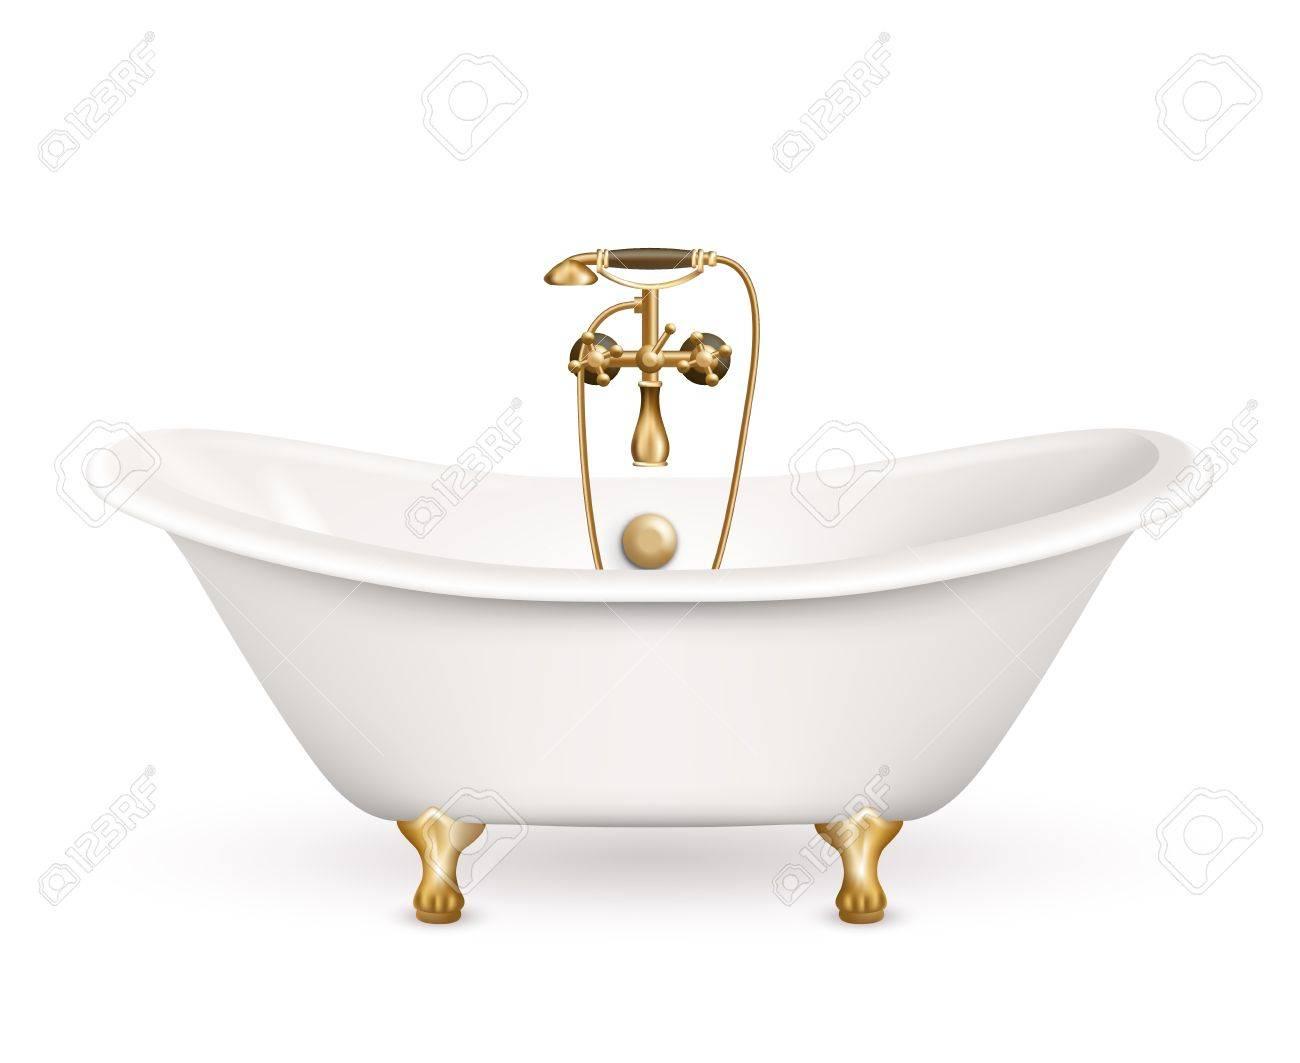 Realistische Retro Badewanne Symbol Weiß Mit Goldenen Armen Und